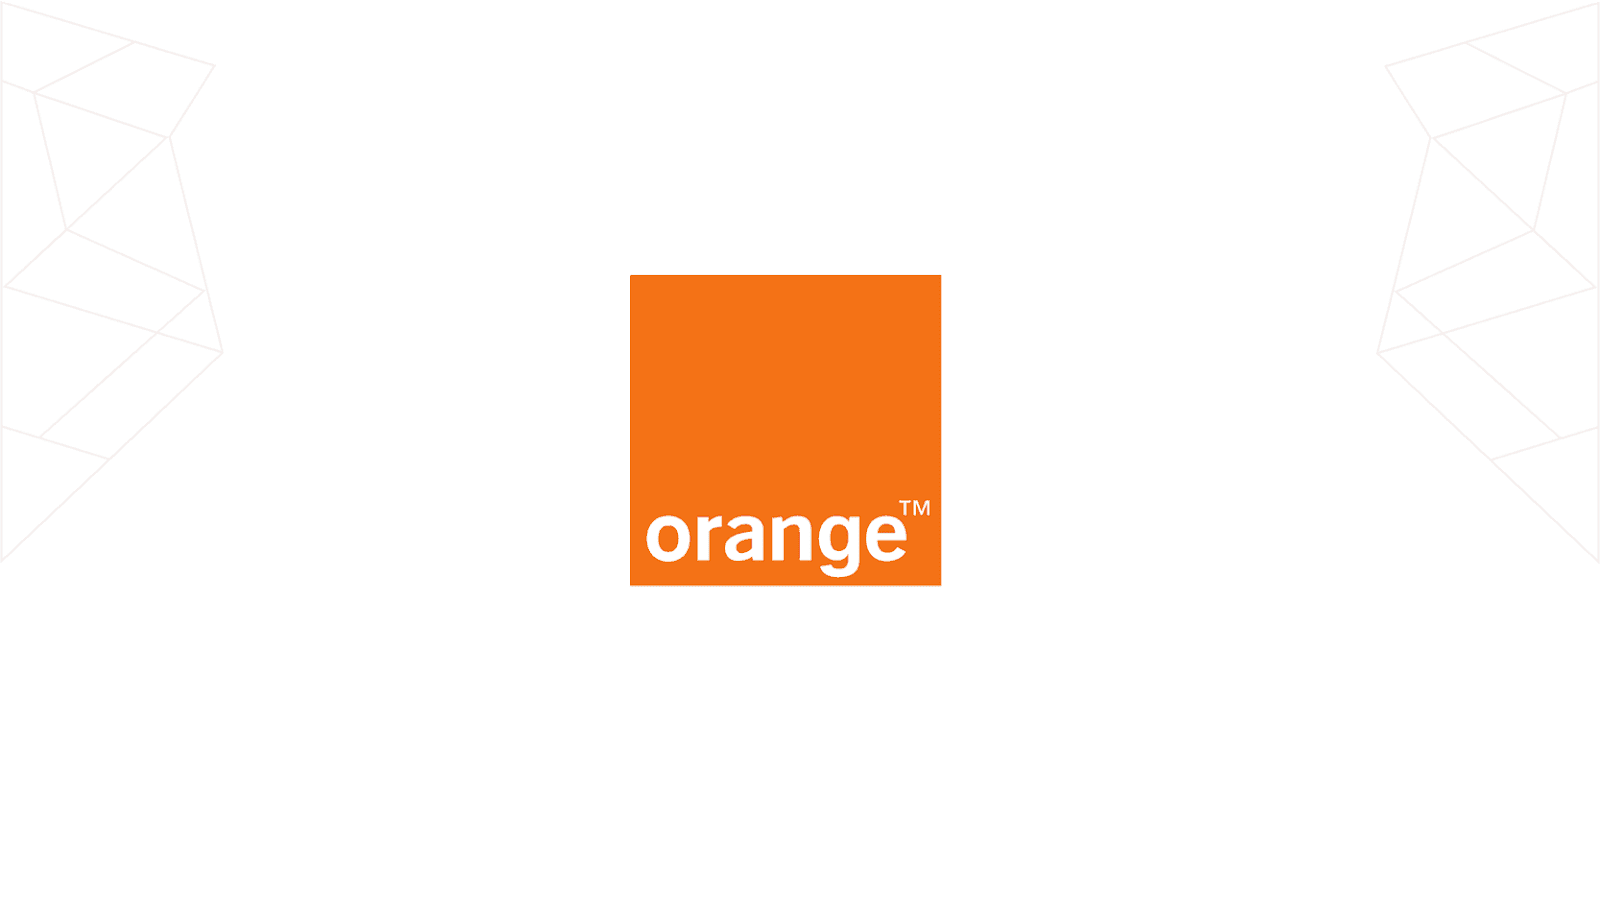 التدريب الصيفي في شركة اورانج - مصر Orange Summer Internship